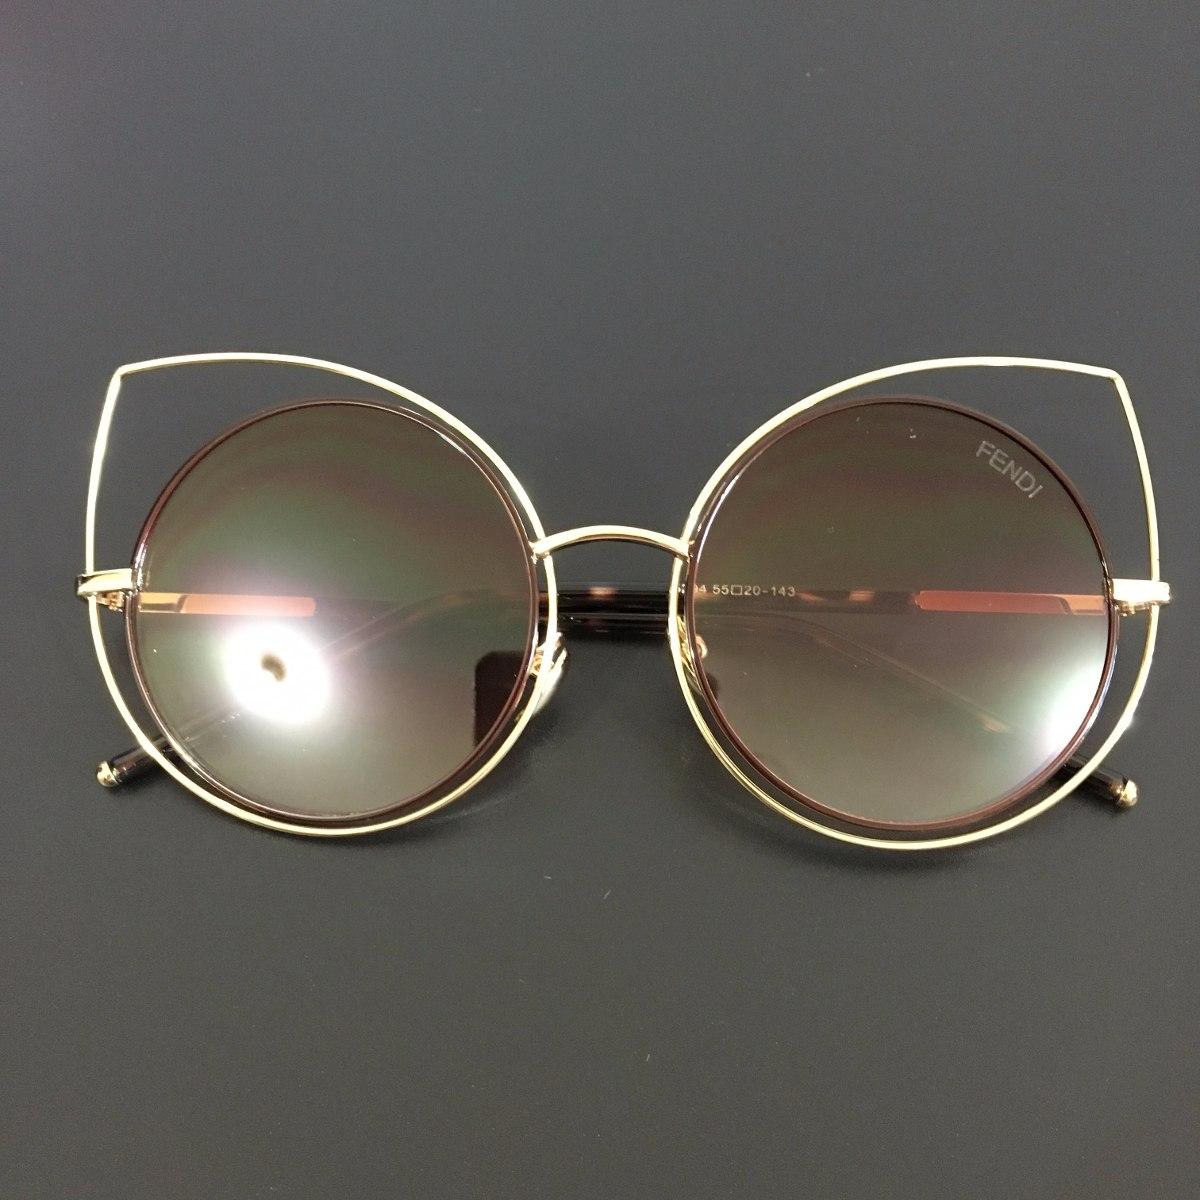 09b4c8b4b óculos de sol feminino espelhado gato gatinho redondo. Carregando zoom.